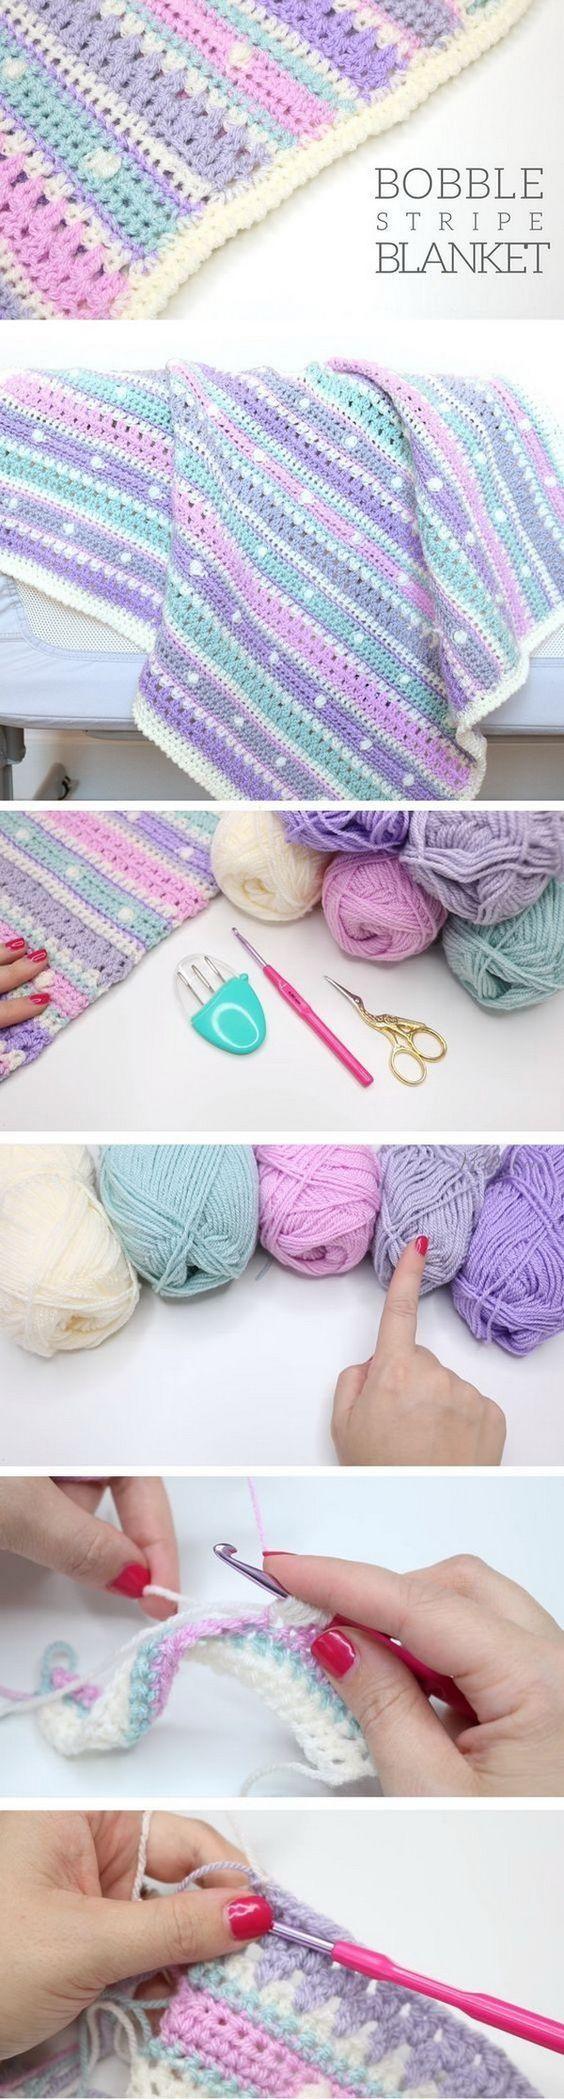 Quick And Easy Crochet Blanket Patterns For Beginners: Bobble Stripe Blanket Tut…